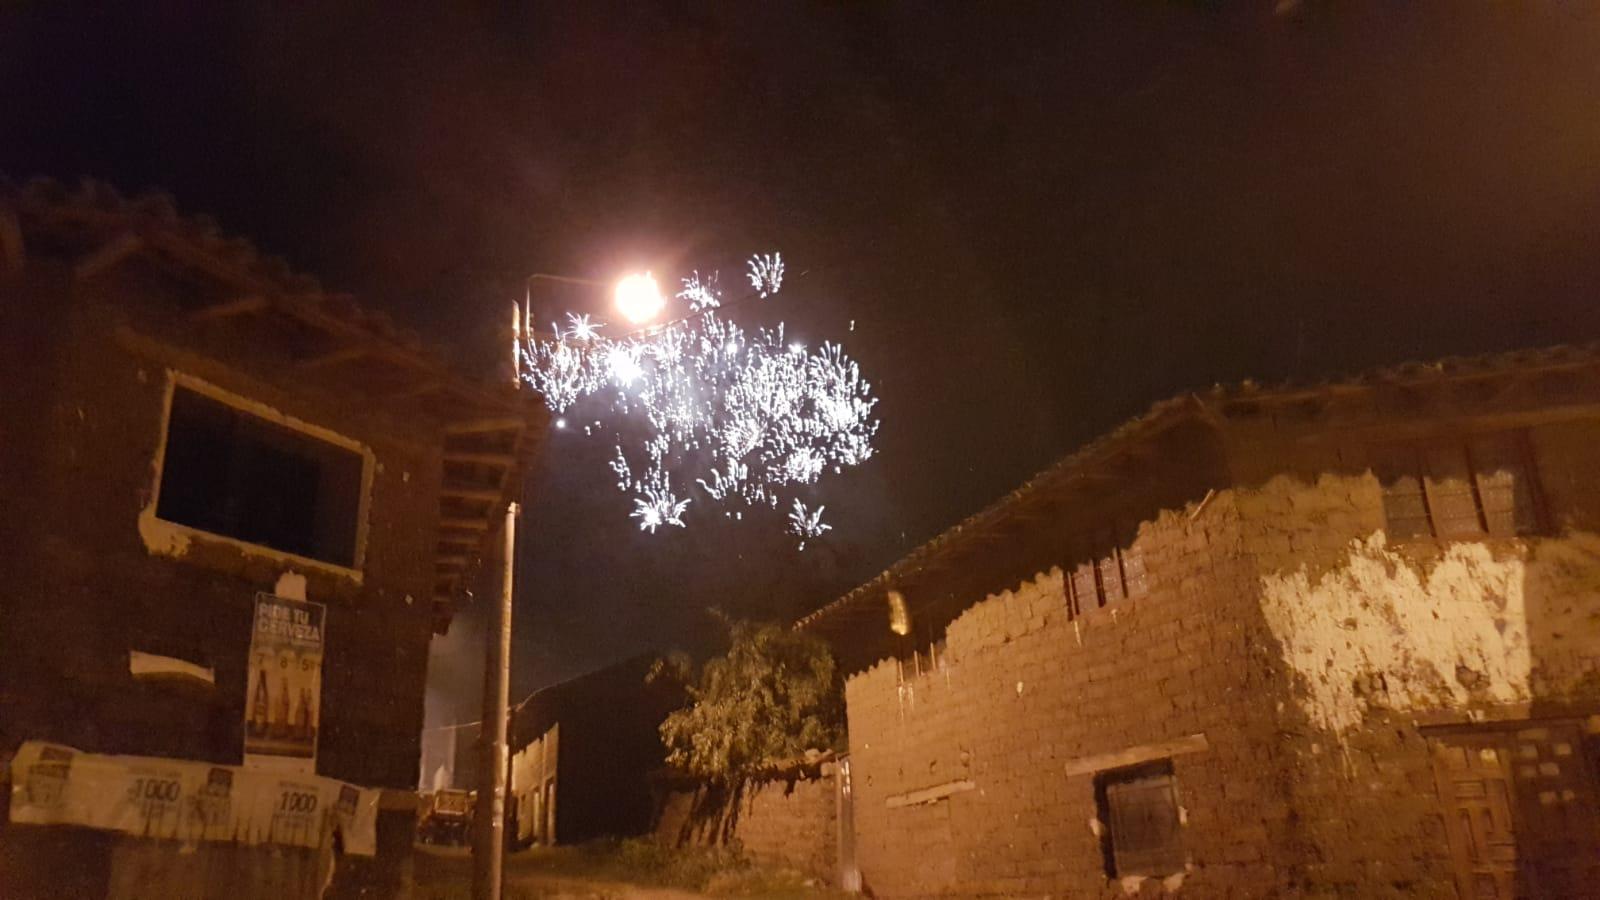 ... auch in Curahuasi gab es ein Feuerwerk.